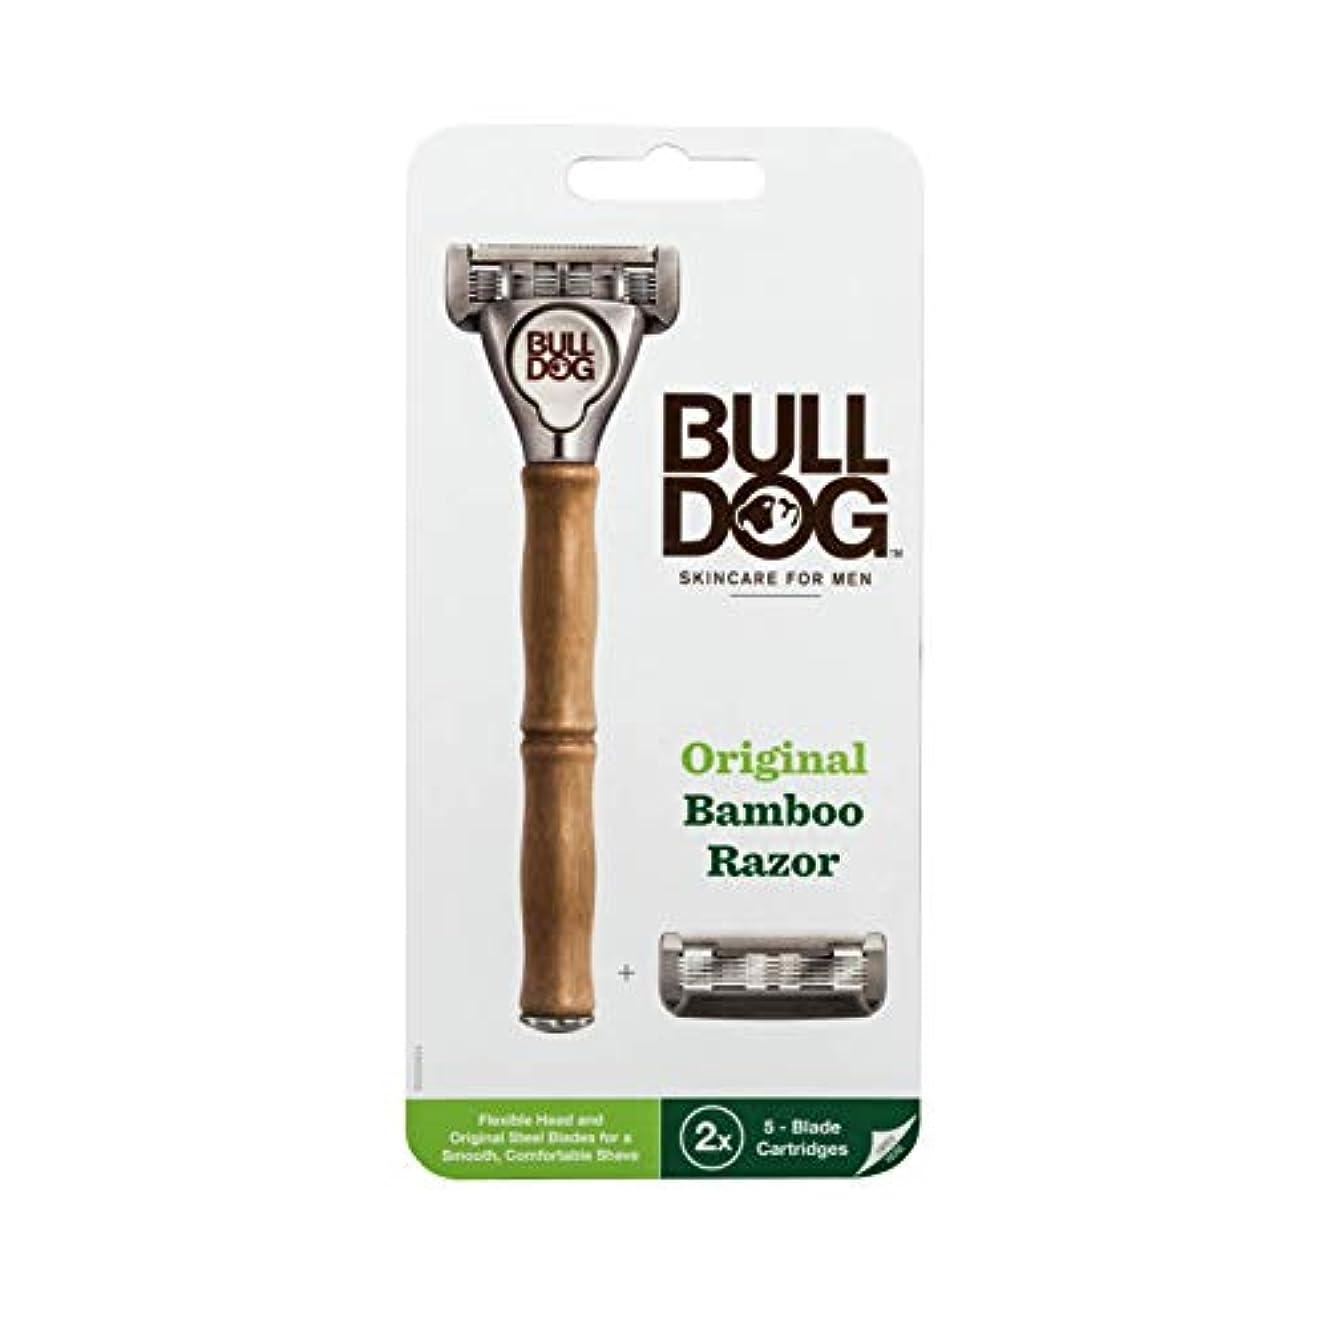 ブルドッグ Bulldog 5枚刃 オリジナルバンブーホルダー 水に強い竹製ハンドル 替刃 2コ付 男性カミソリ